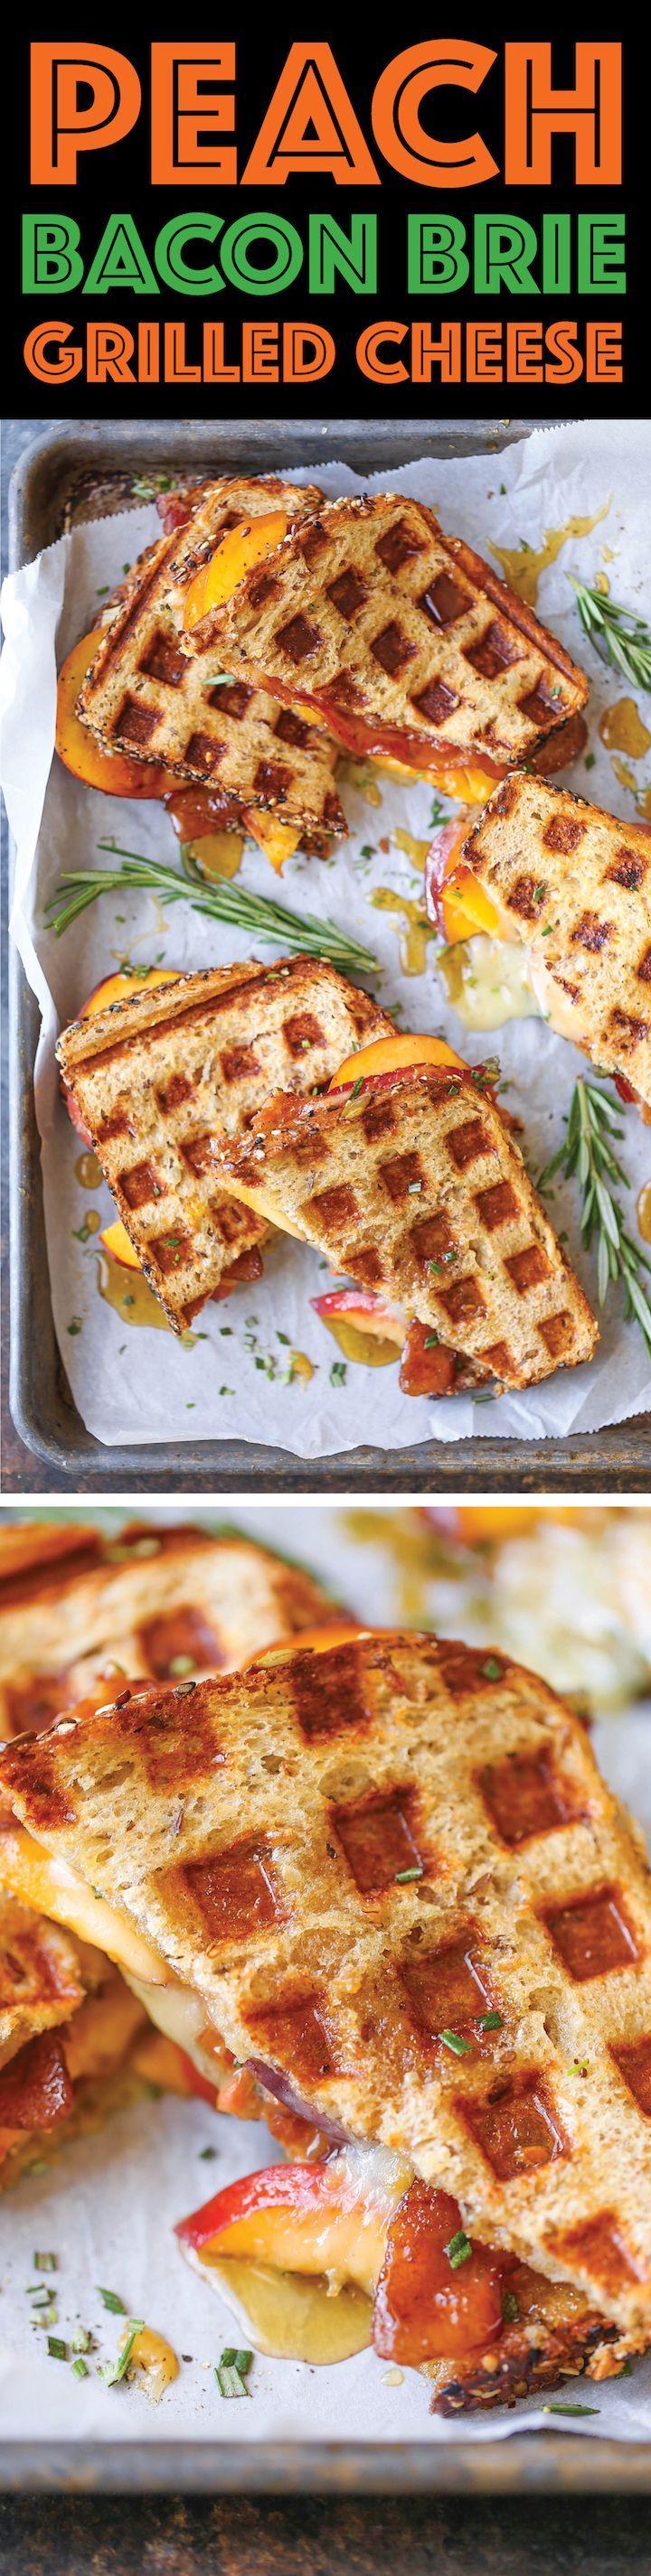 Peach Bacon Brie Grilled Cheese - Fresh peaches, peach preserves, crisp bacon…